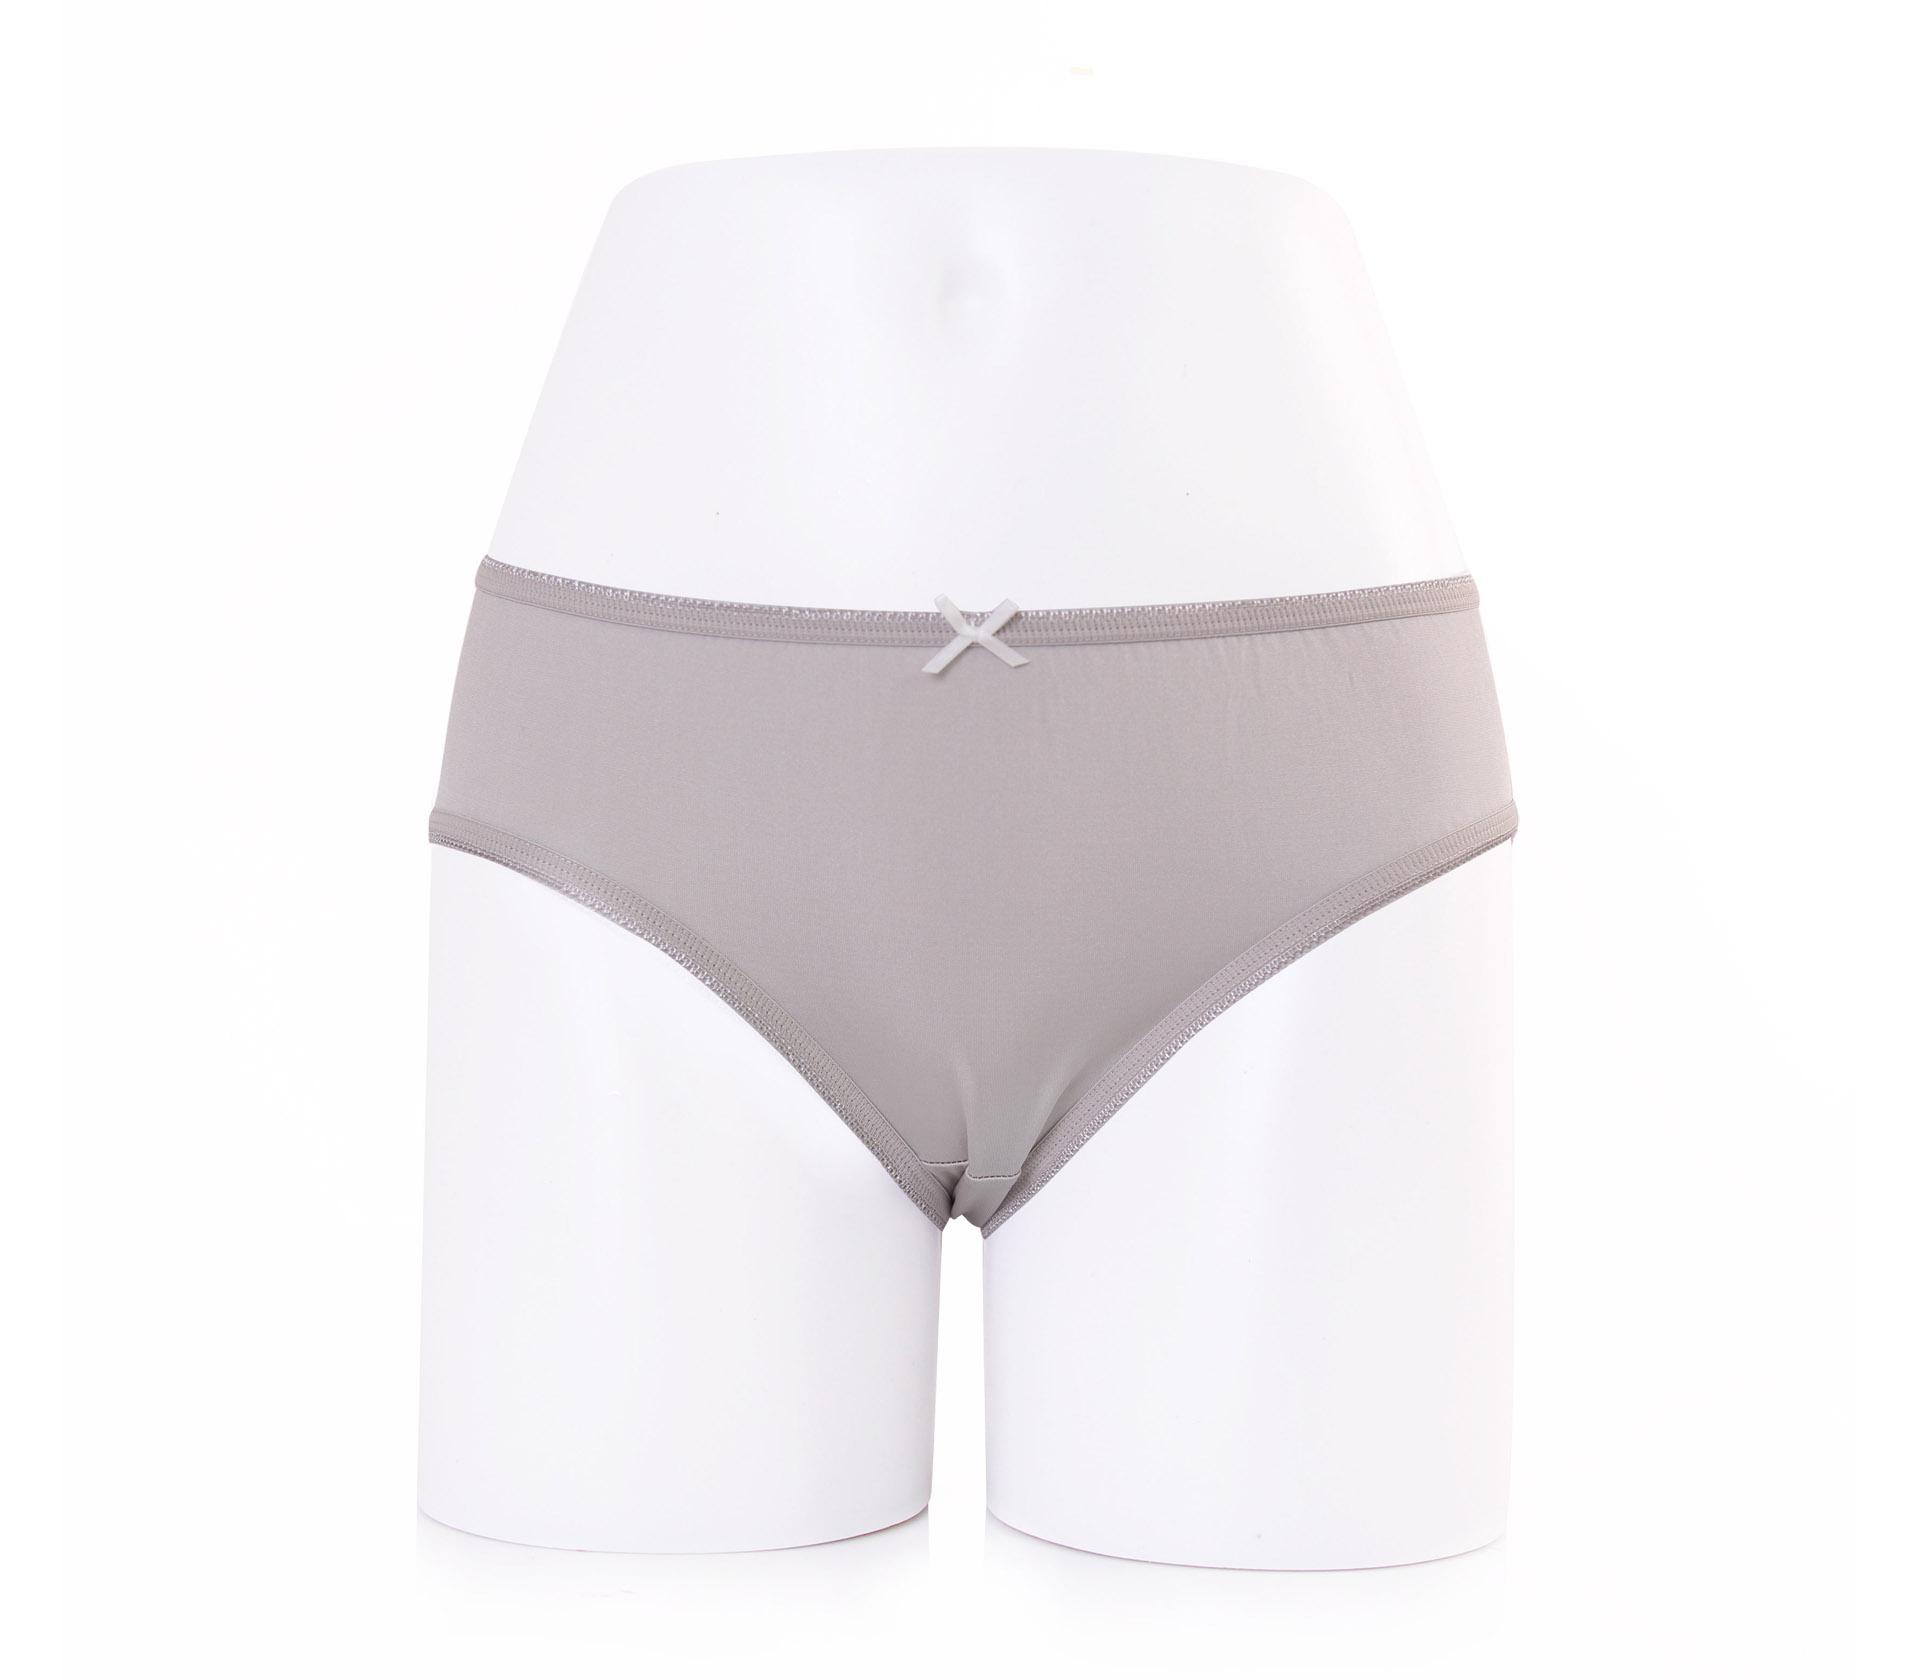 闕蘭絹可愛粉嫩30針100%蠶絲內褲-2221(灰)